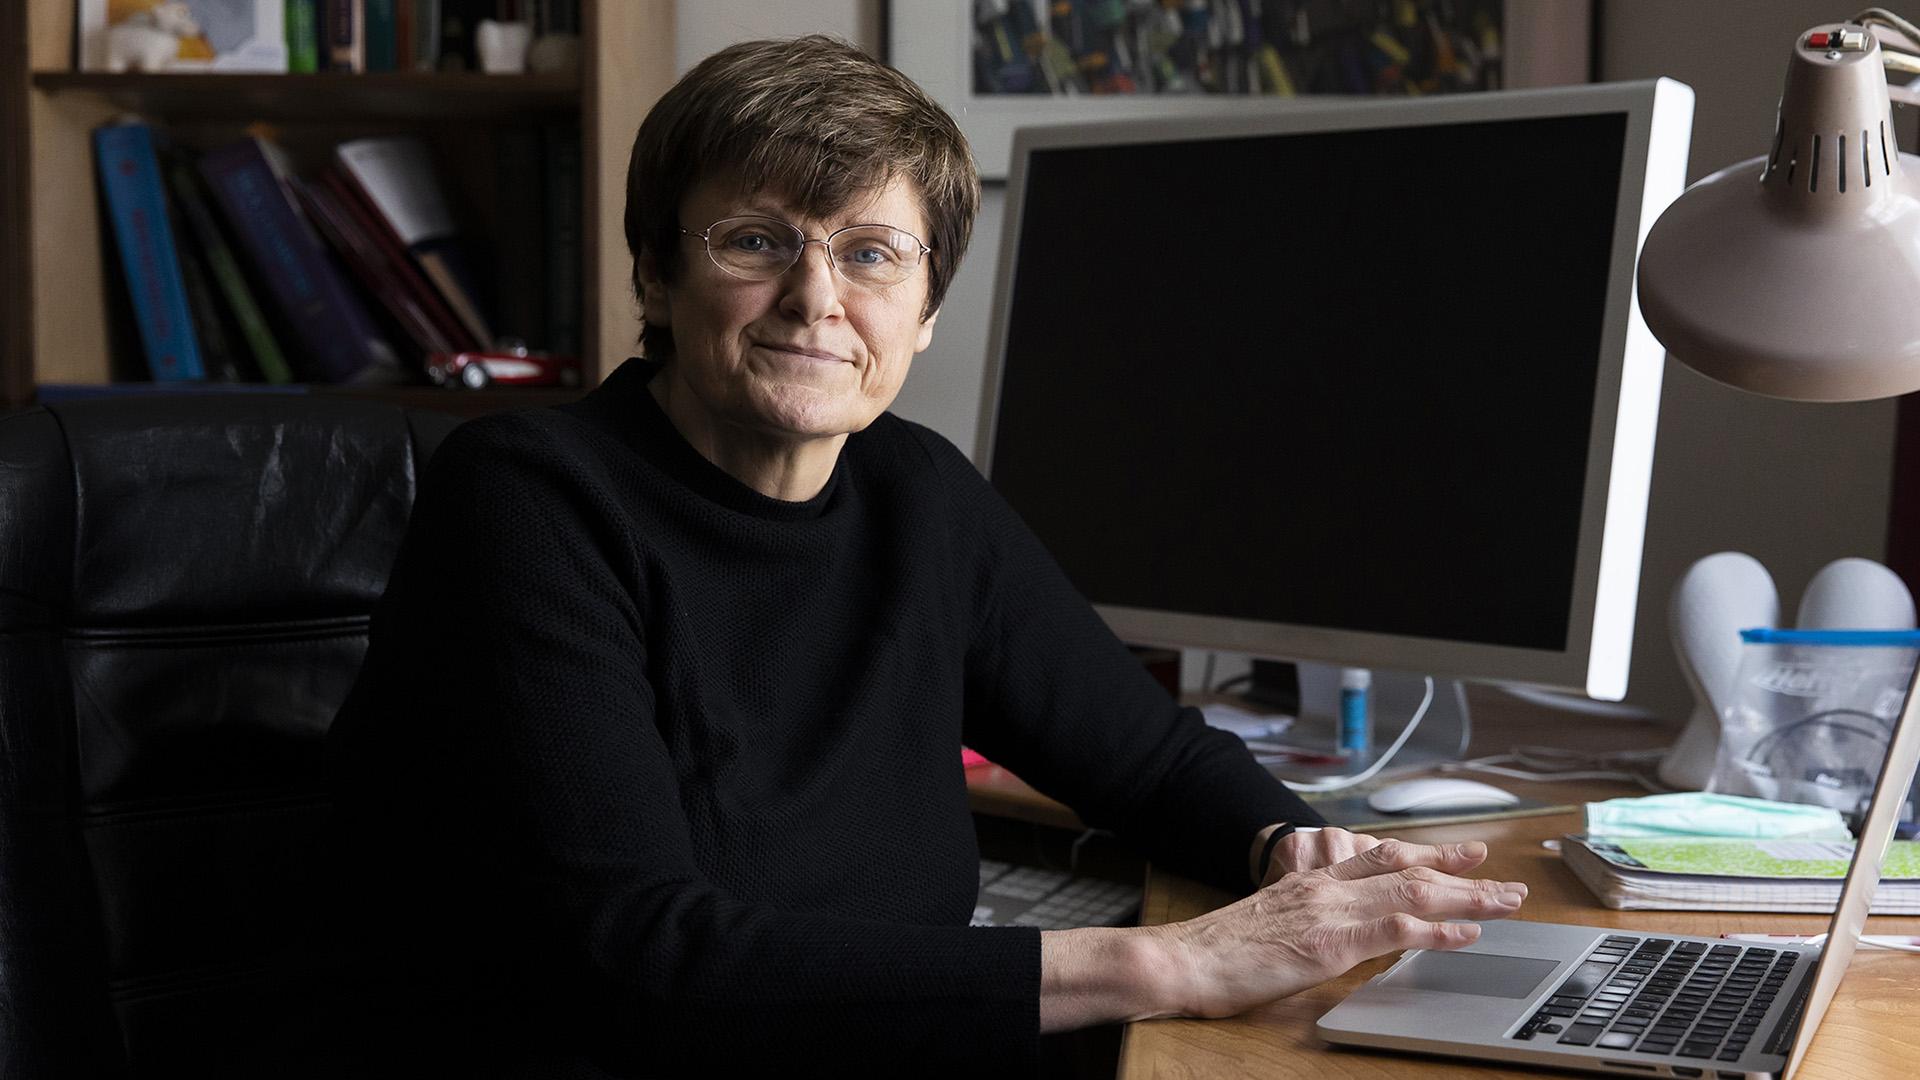 Karikó Katalin pennsylvaniai otthonában